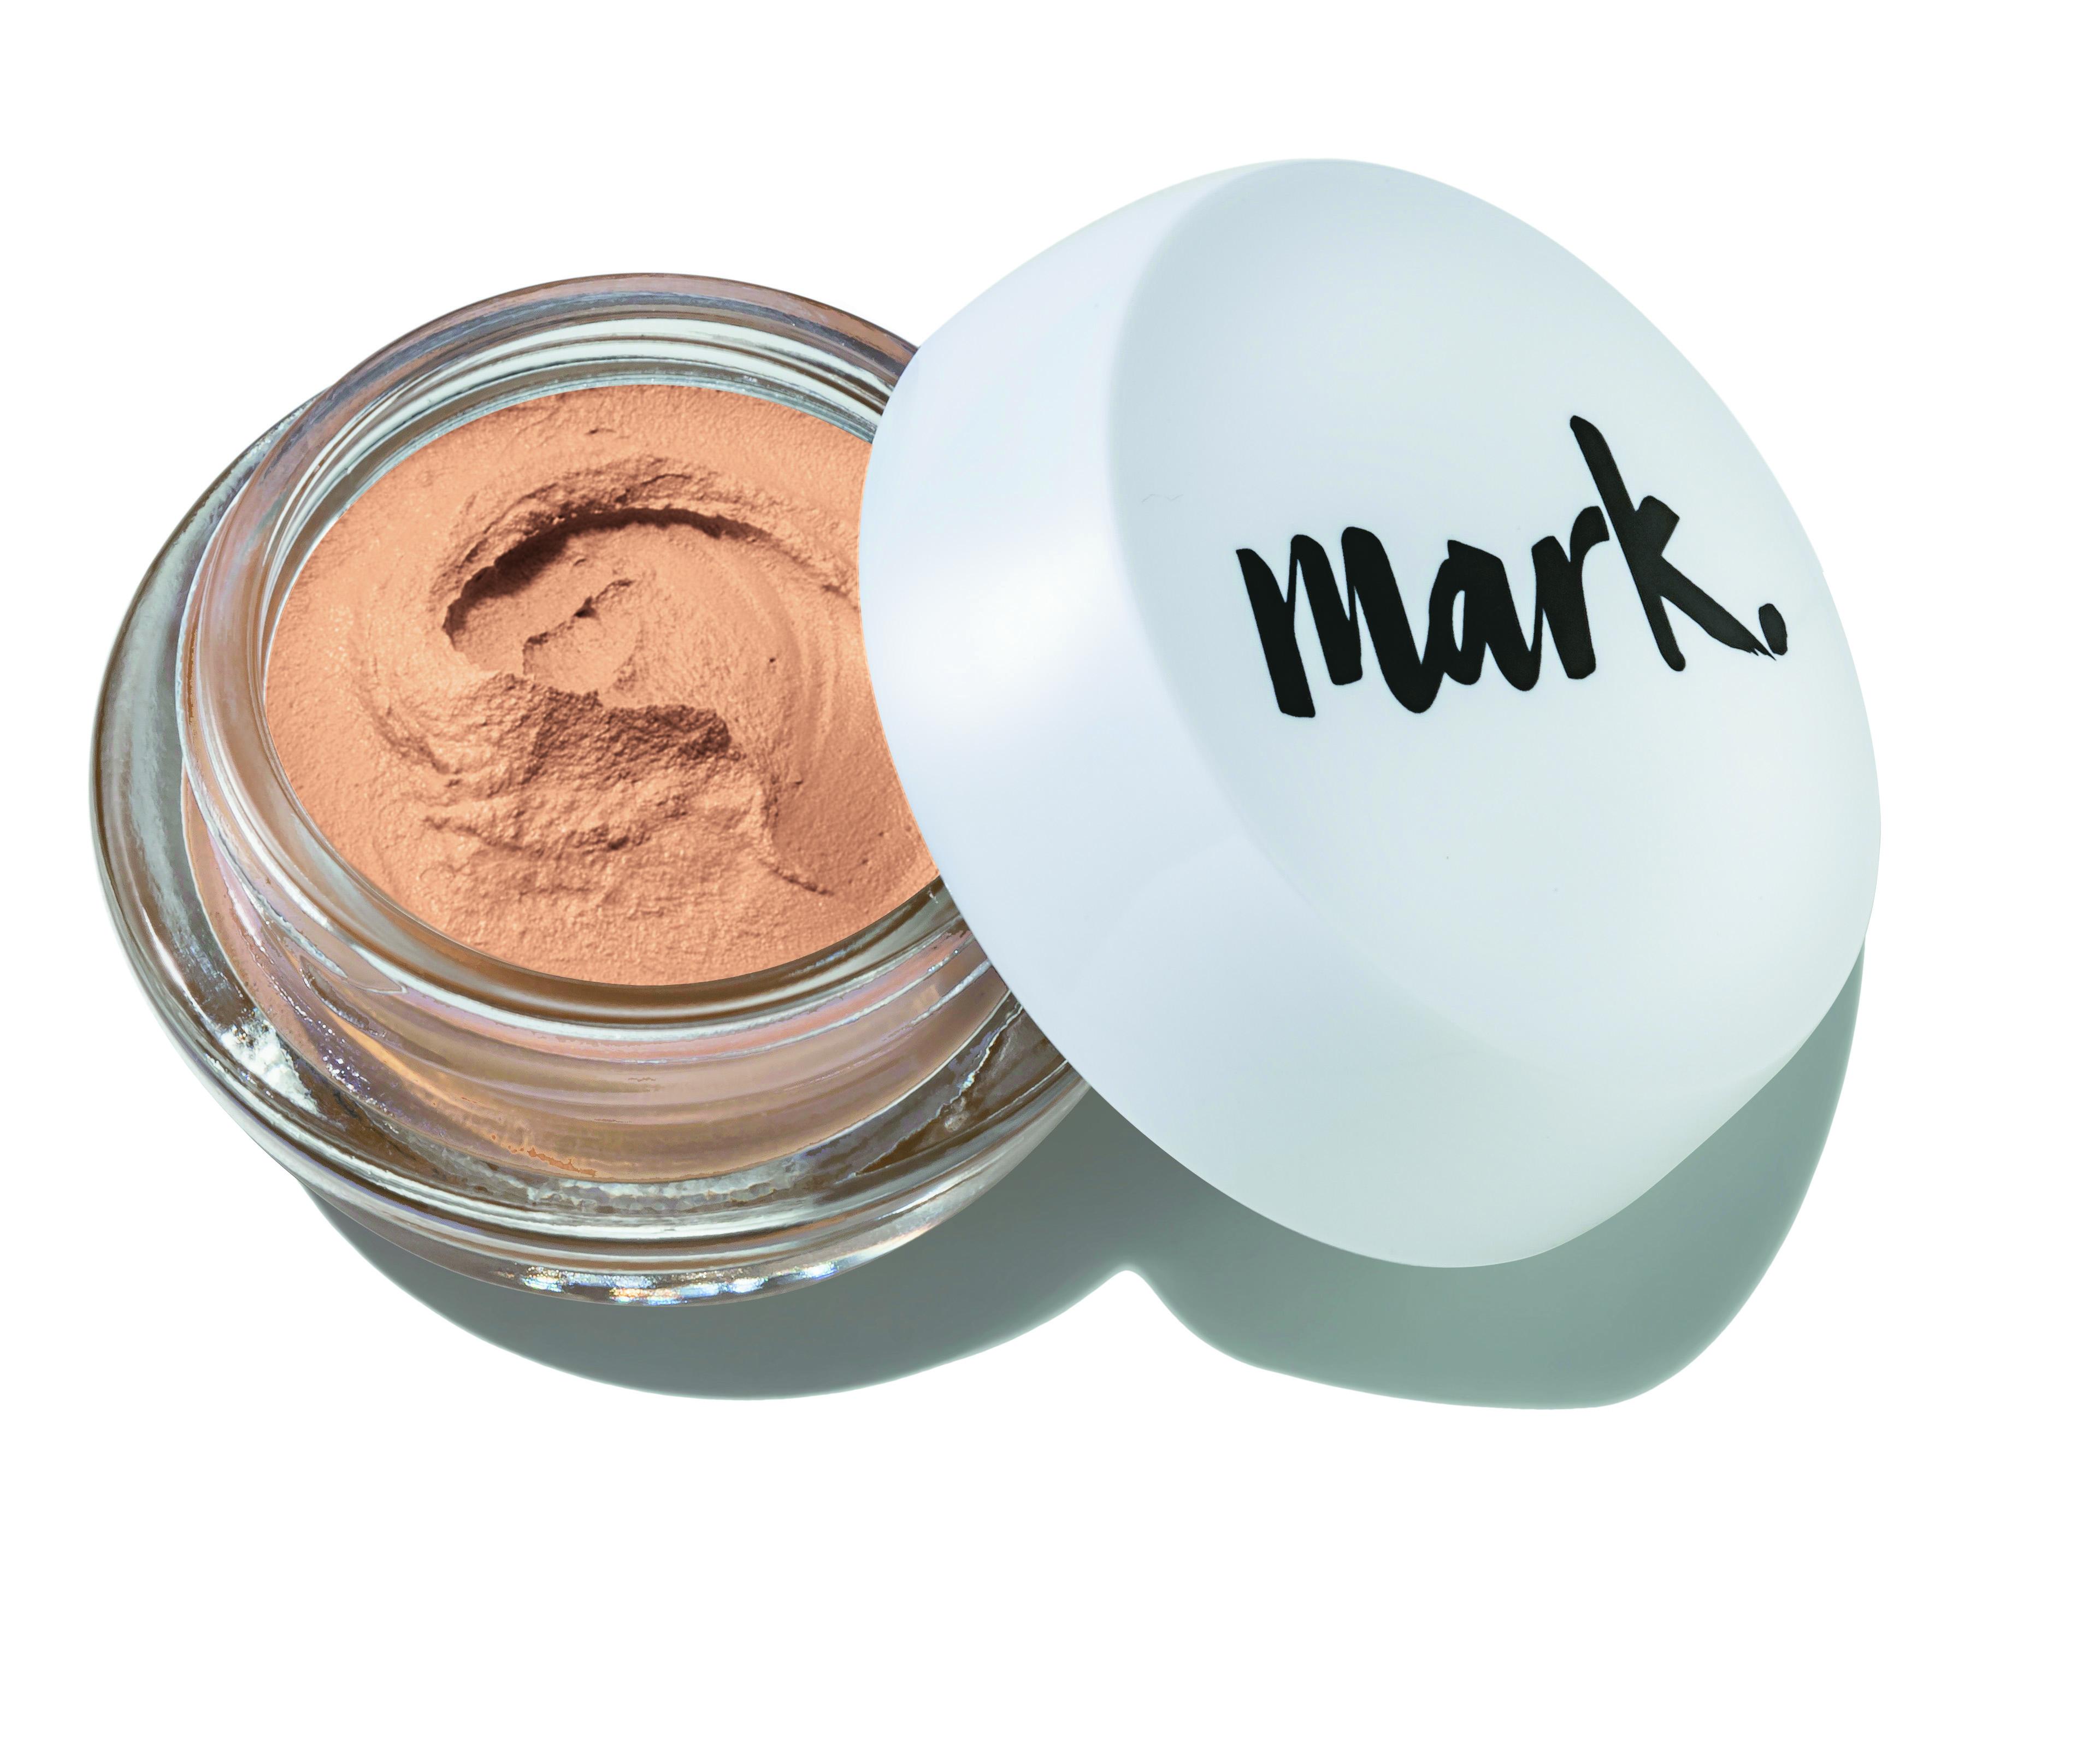 Llega a Chile nueva línea de maquillaje Mark by Avon